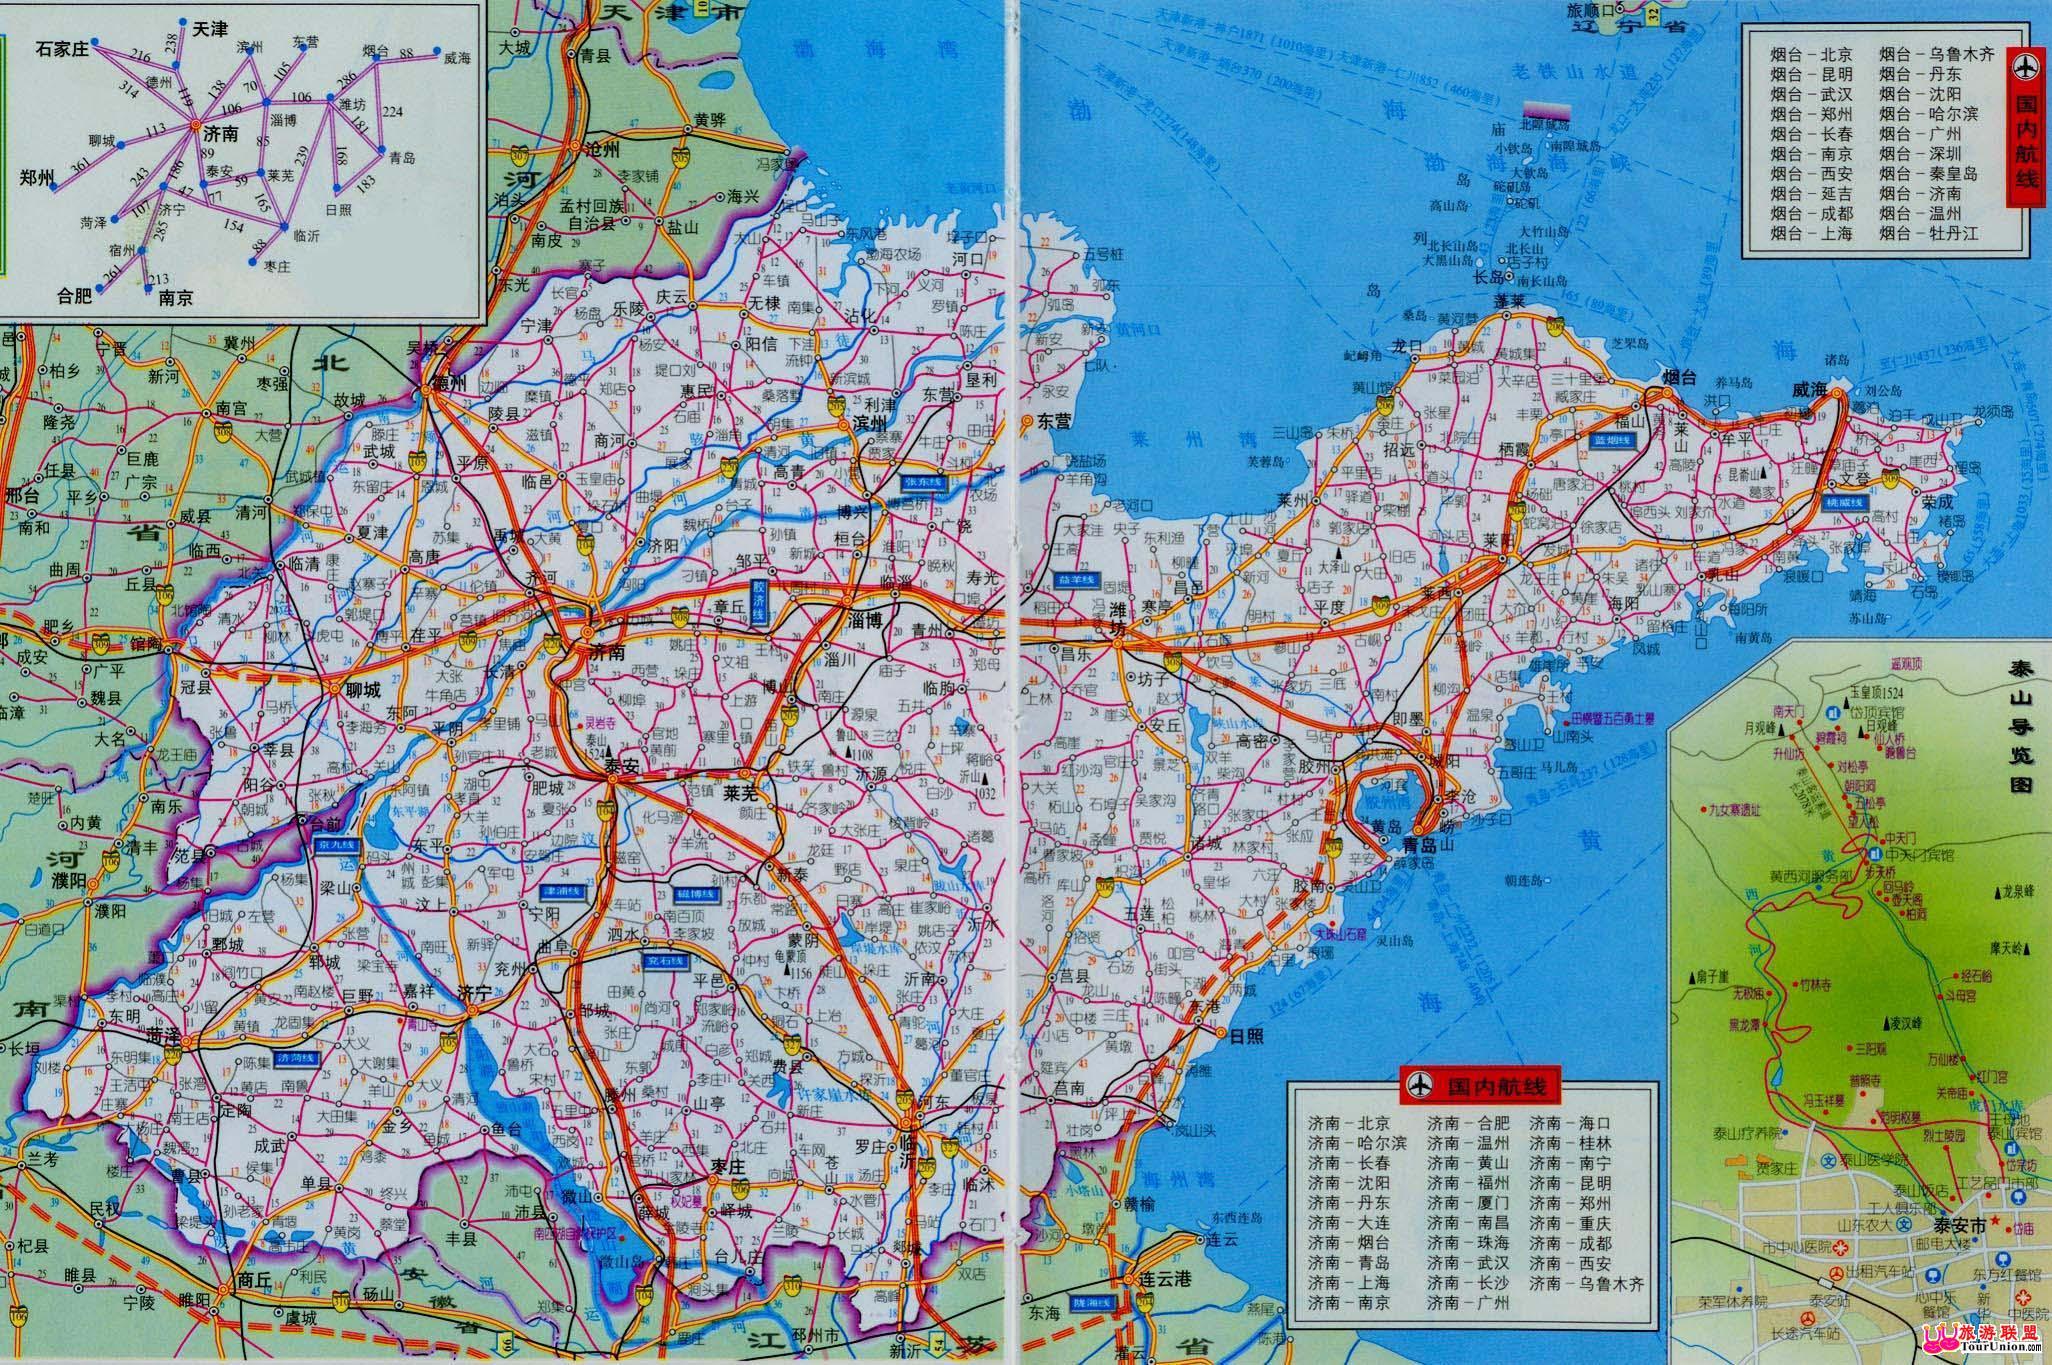 桌面辽宁地图全图 四川地图全图高清版 河南地图全图